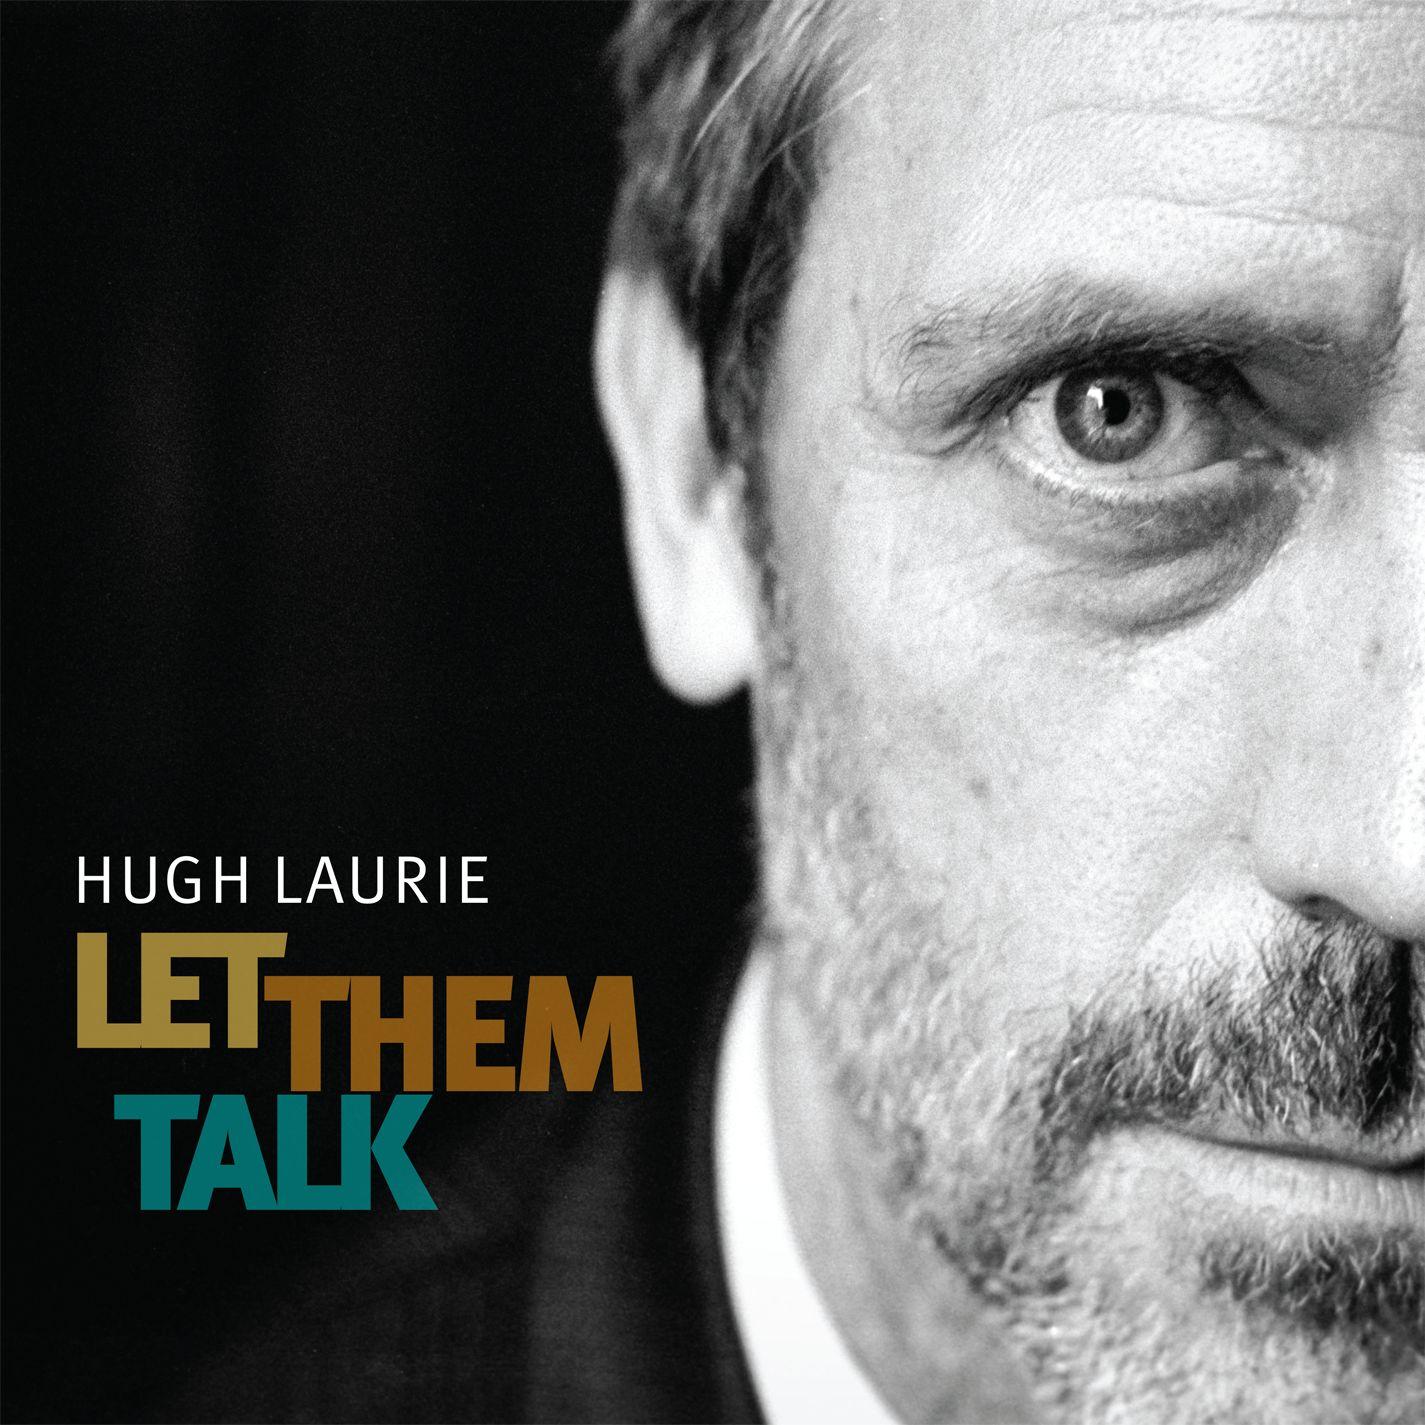 Hugh_Let_Them_Talk.jpg